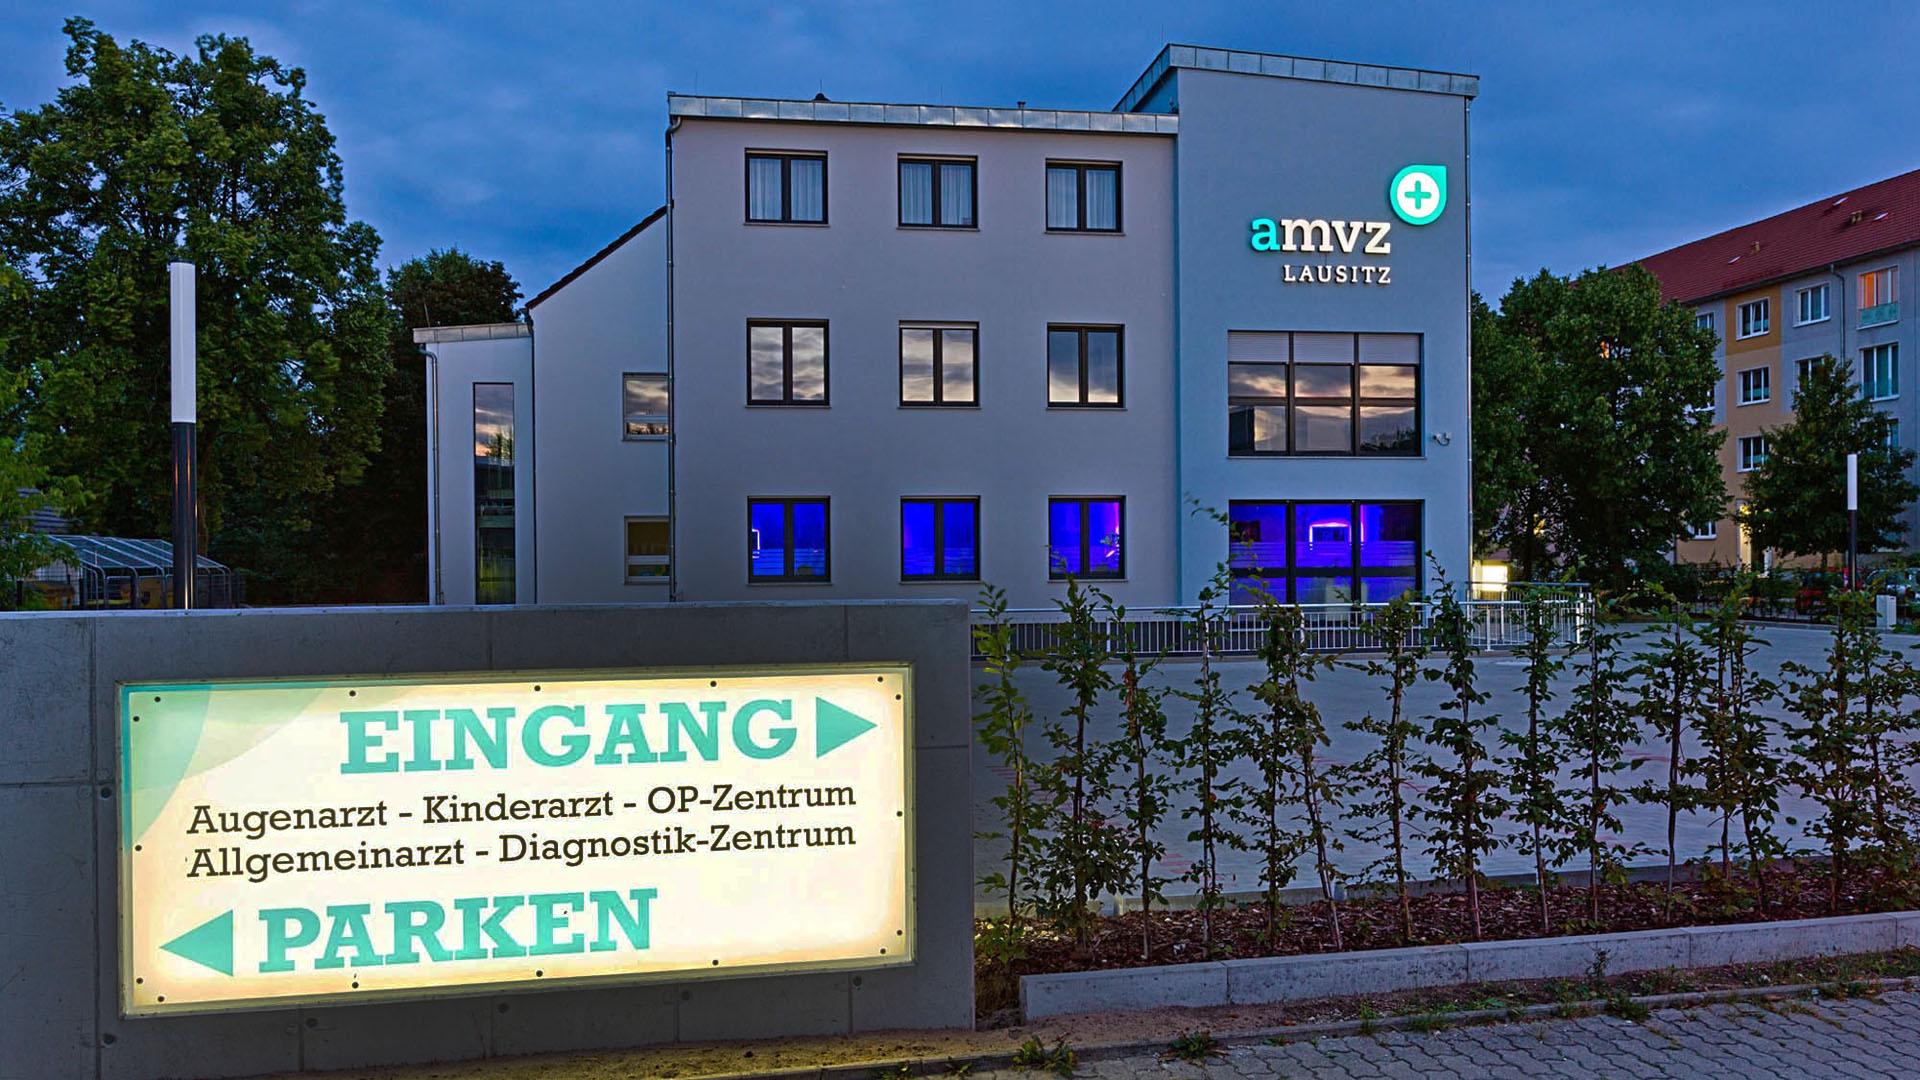 AMVZ Lausitz GmbH